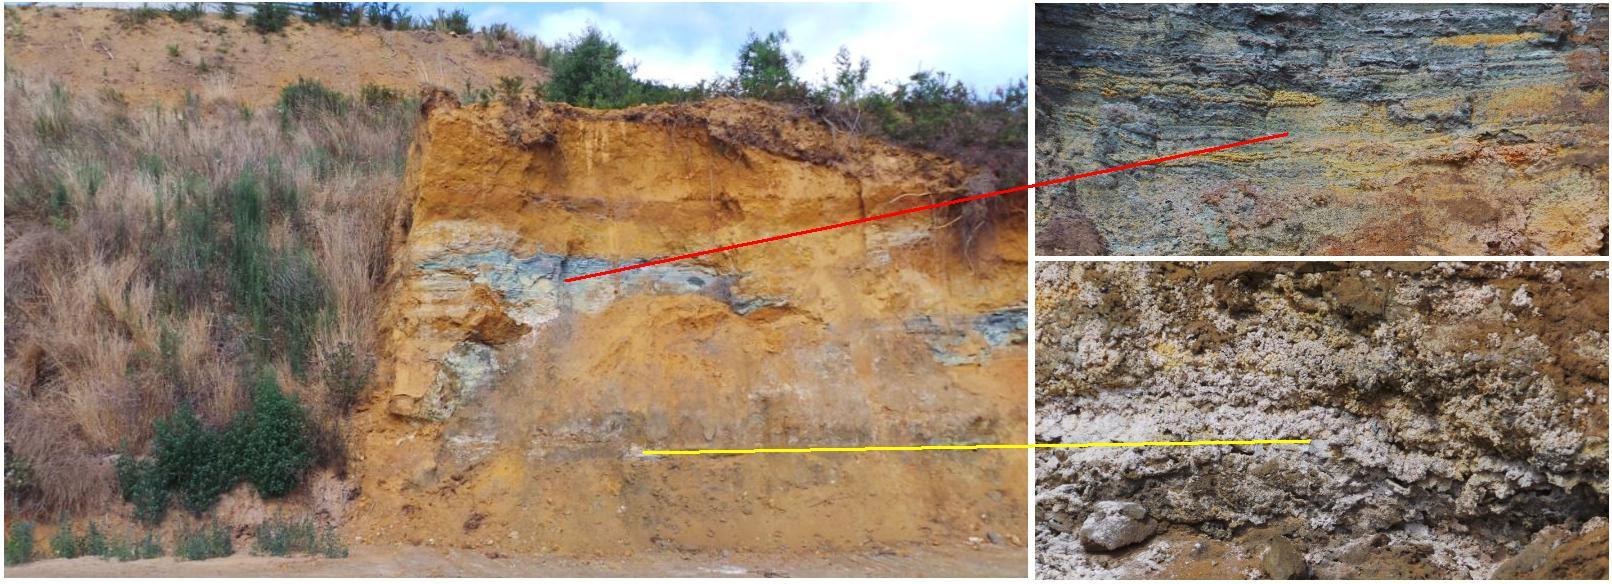 Touro: Una de las pocas minas donde se puede observar el interior de la balsa de lodos.